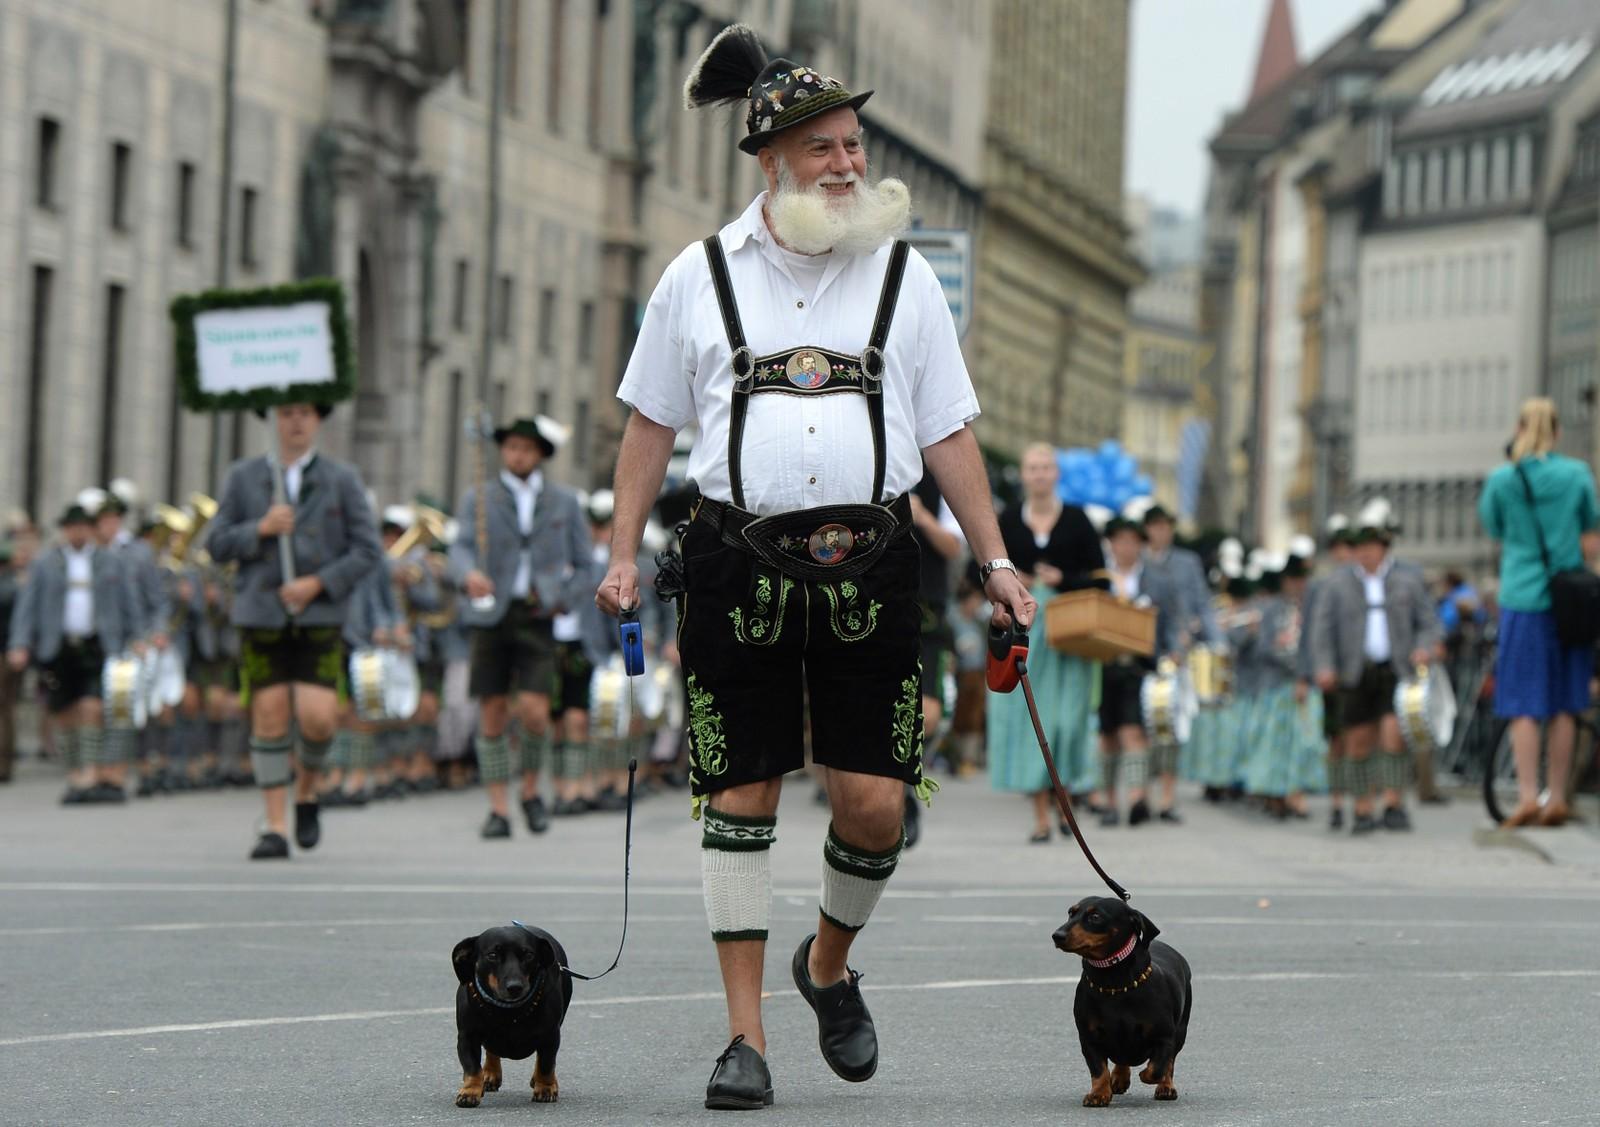 En mann i tradisjonelle lederhosen-klær er ute og går med to hunder i forbindelse med en oktoberfest-parade i Munchen. Verdens største øl-festival startet 19. september og varer til 4. oktober.